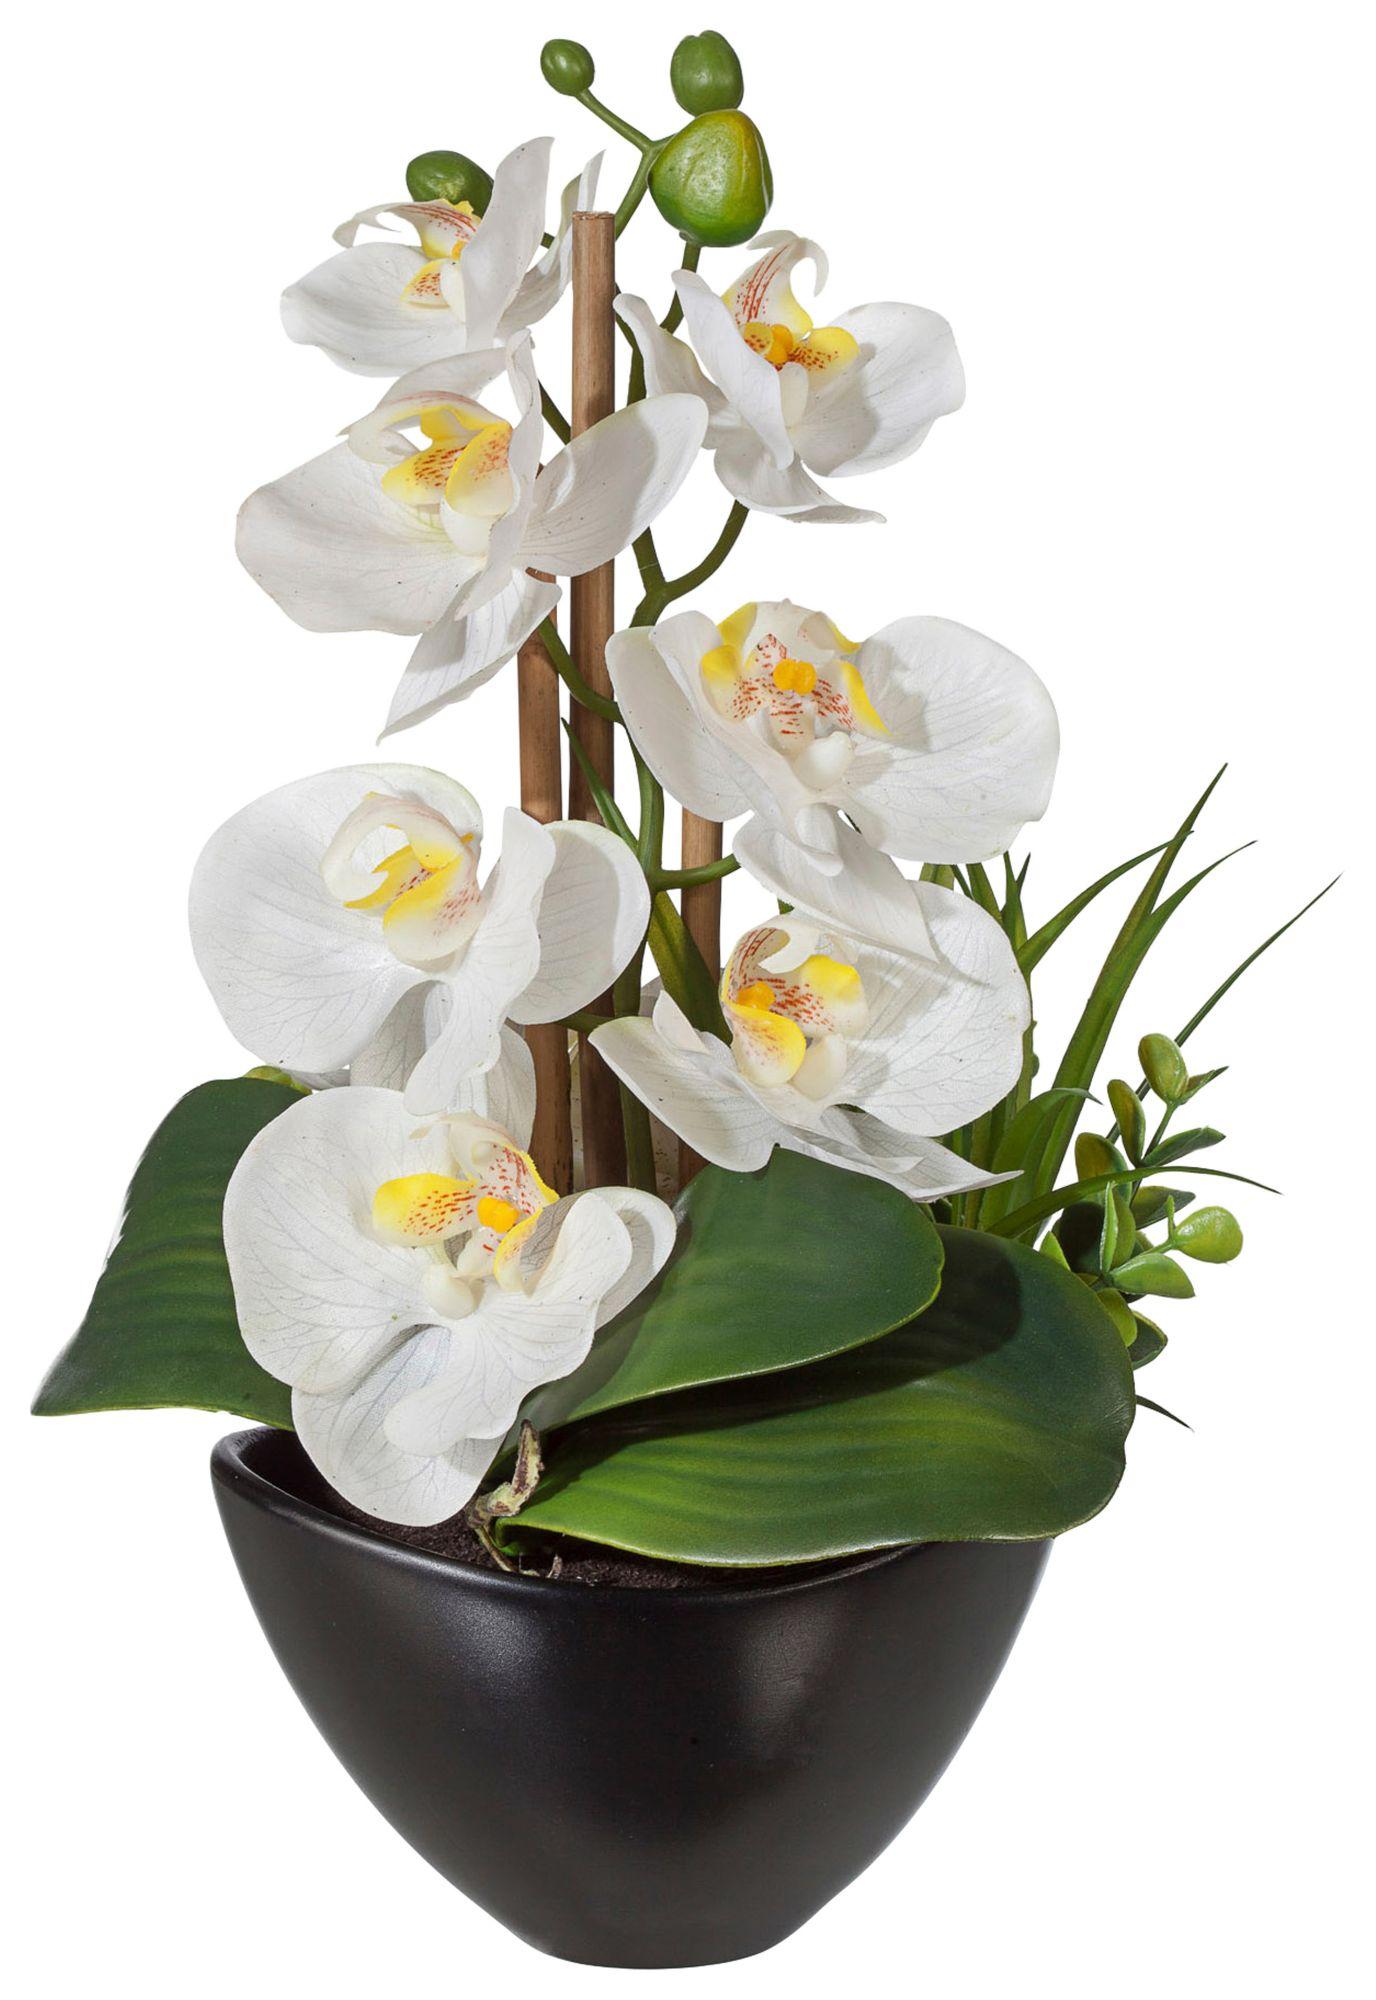 kunst orchideen g nstig online kaufen beim schwab versand. Black Bedroom Furniture Sets. Home Design Ideas